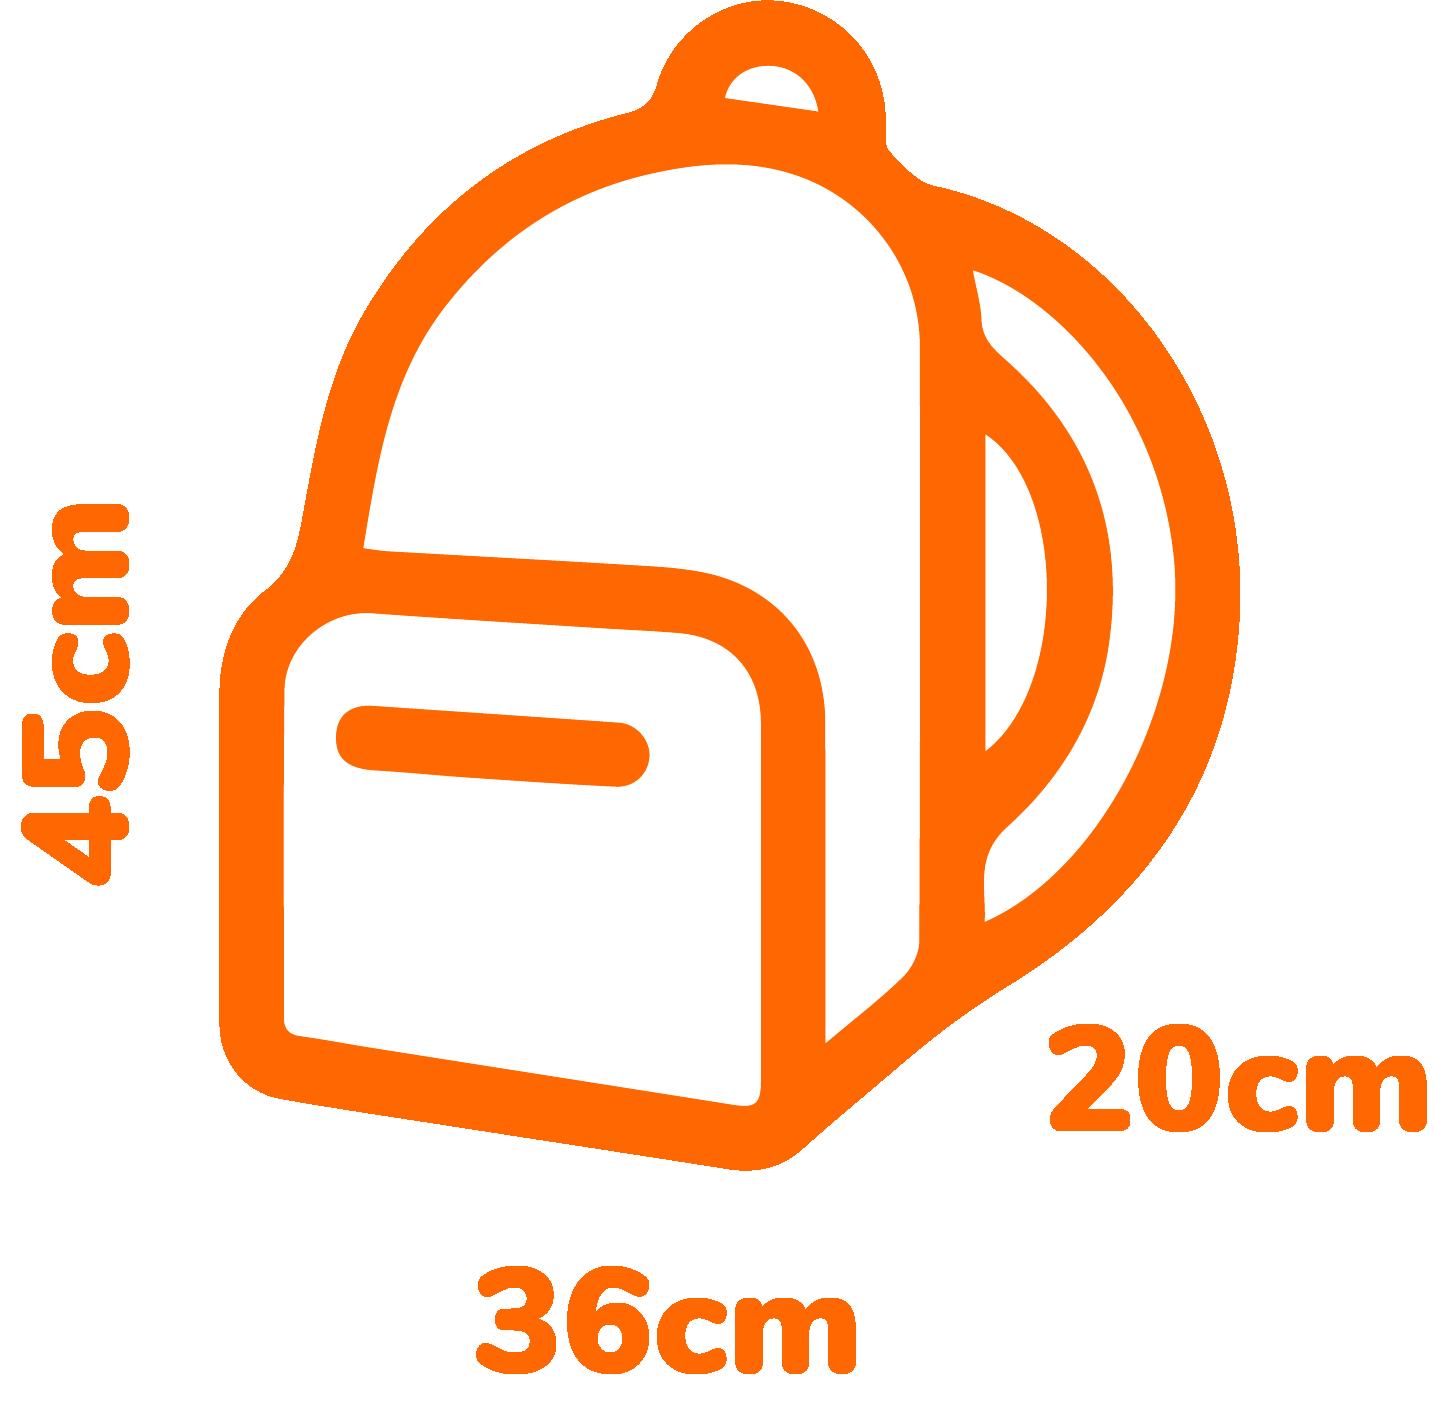 příruční zavazadlo EasyJet - nové rozměry